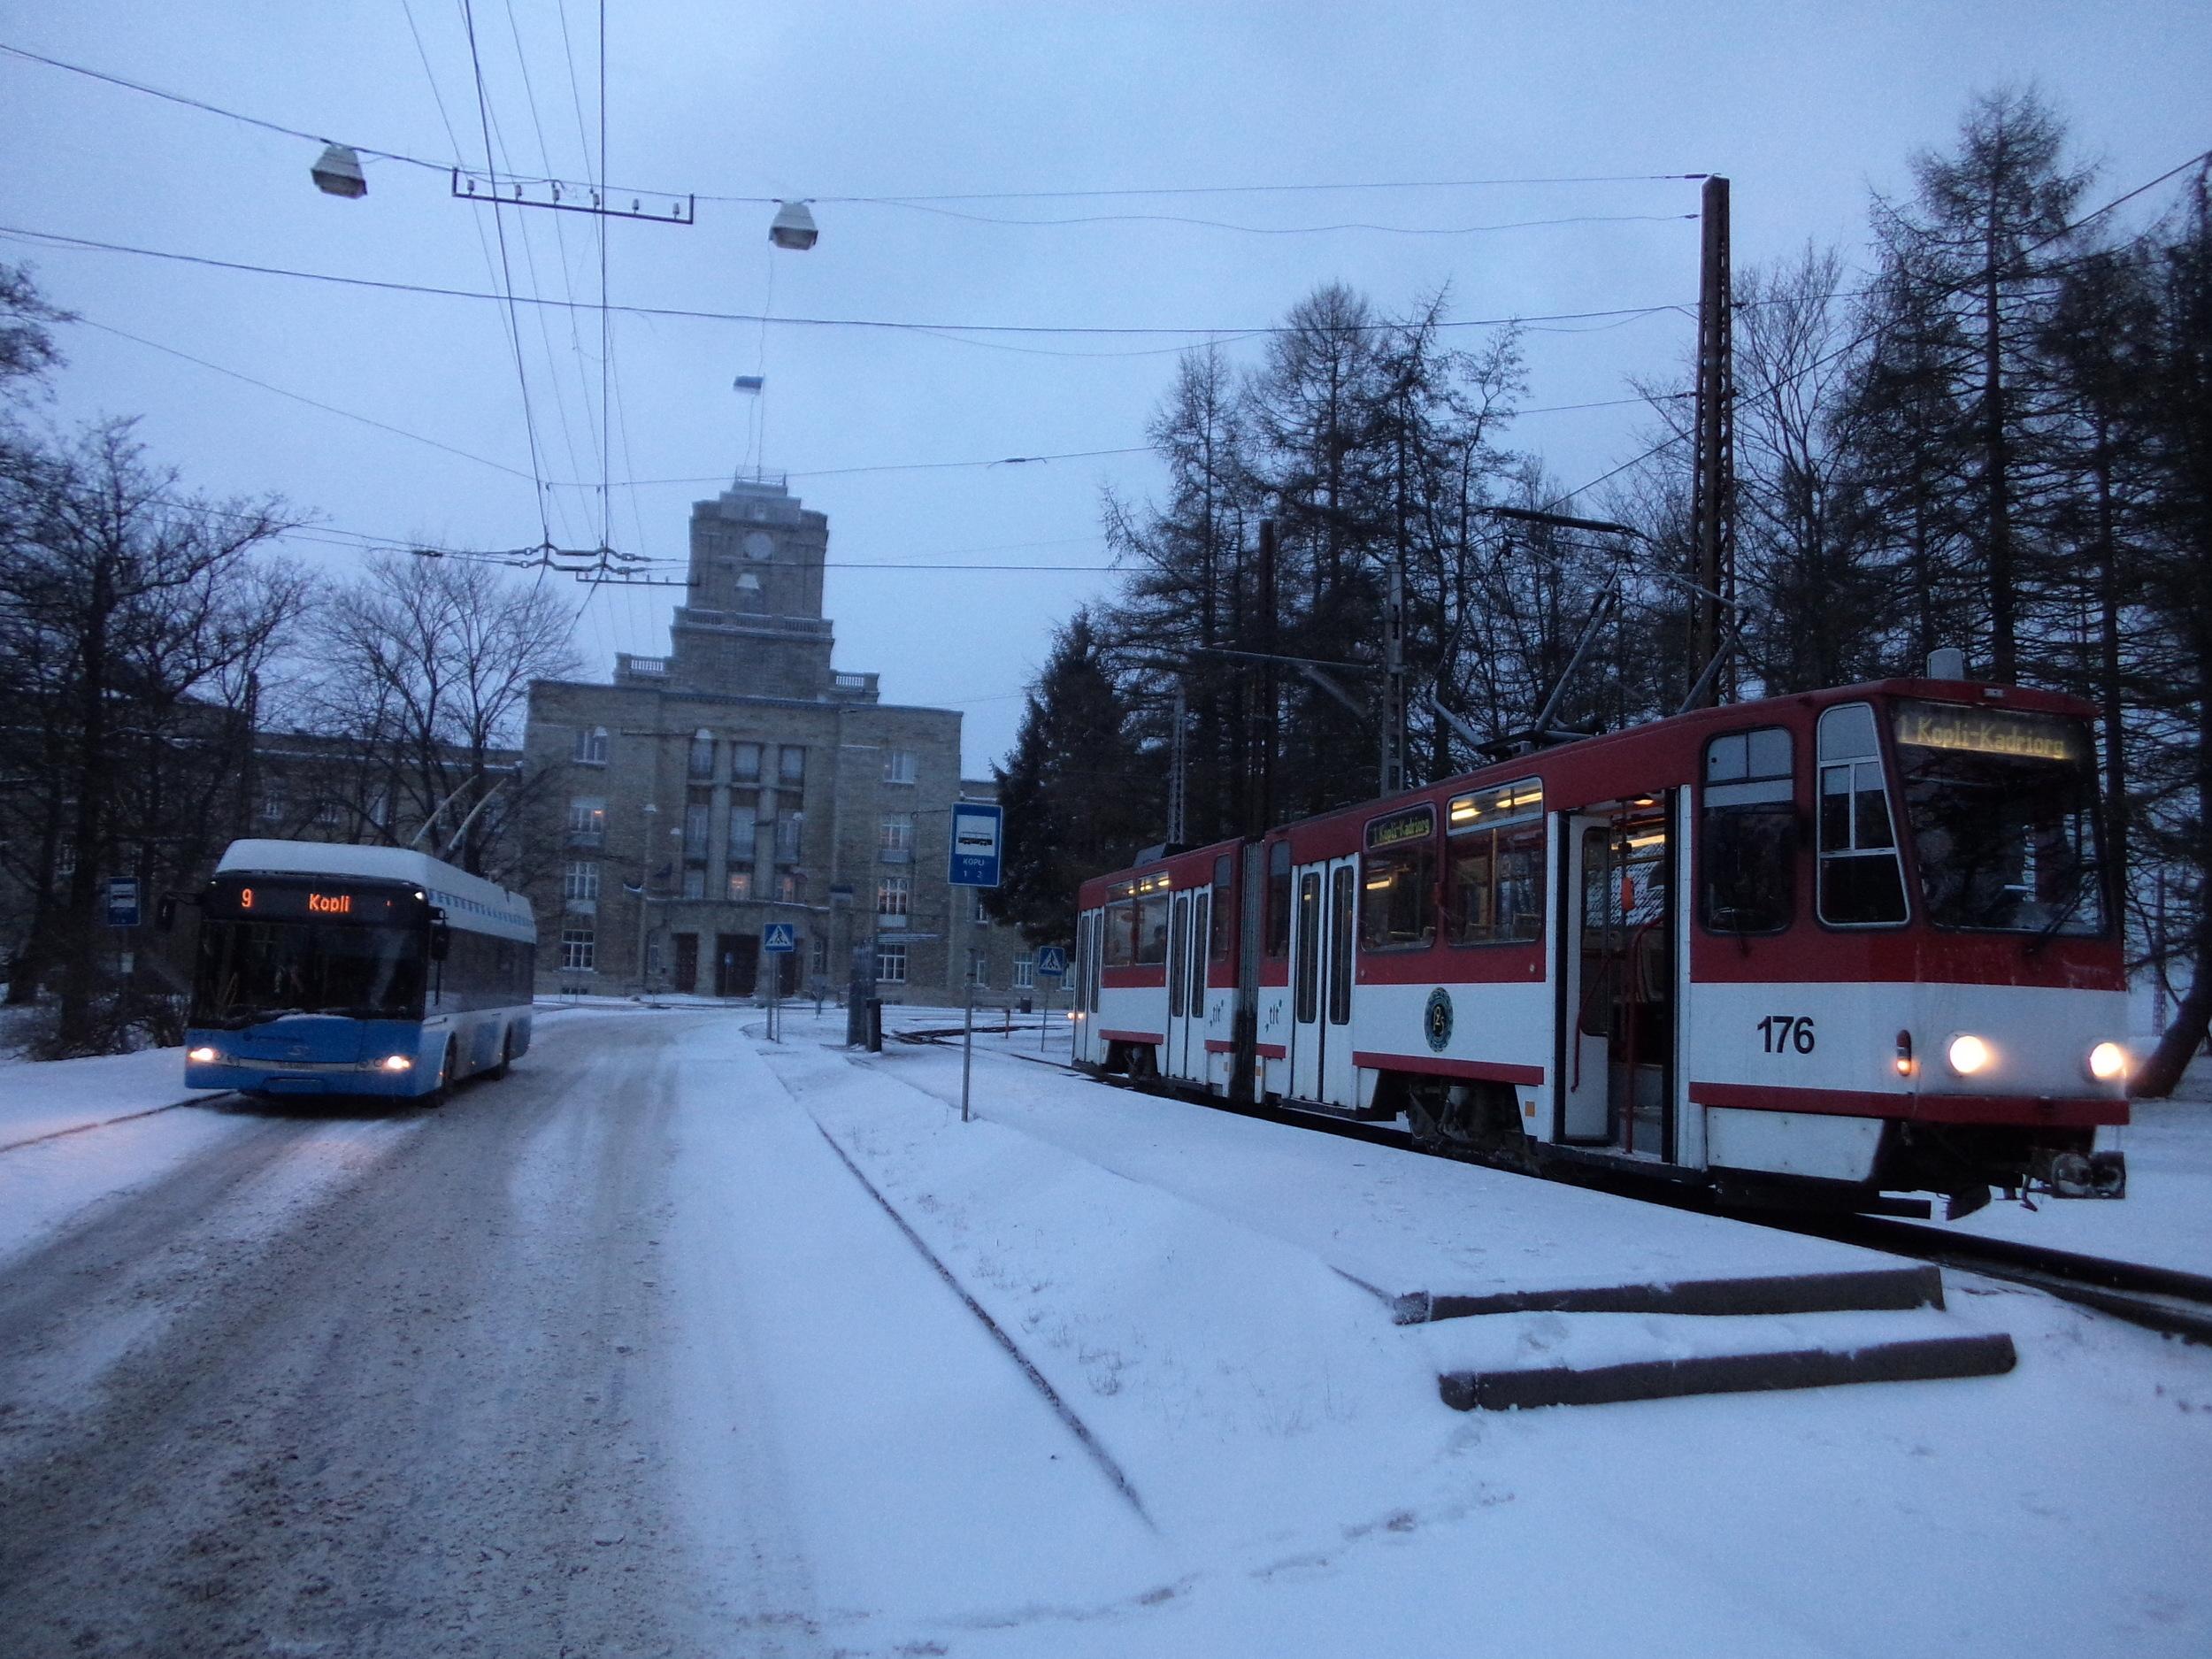 V minulosti pořídil místní dopravce celkem 51 trolejbusů Solaris Trollino 12 a 18, velkou část z nich i s českou elektrickou výzbrojí Cegelec. Na snímku z 3. 1. 2016 je jeden z 12m vozů zachycen ve společnosti tramvaje KT4 na konečné Kopli. (foto: Ing. Vít Hinčica, Ph.D.)